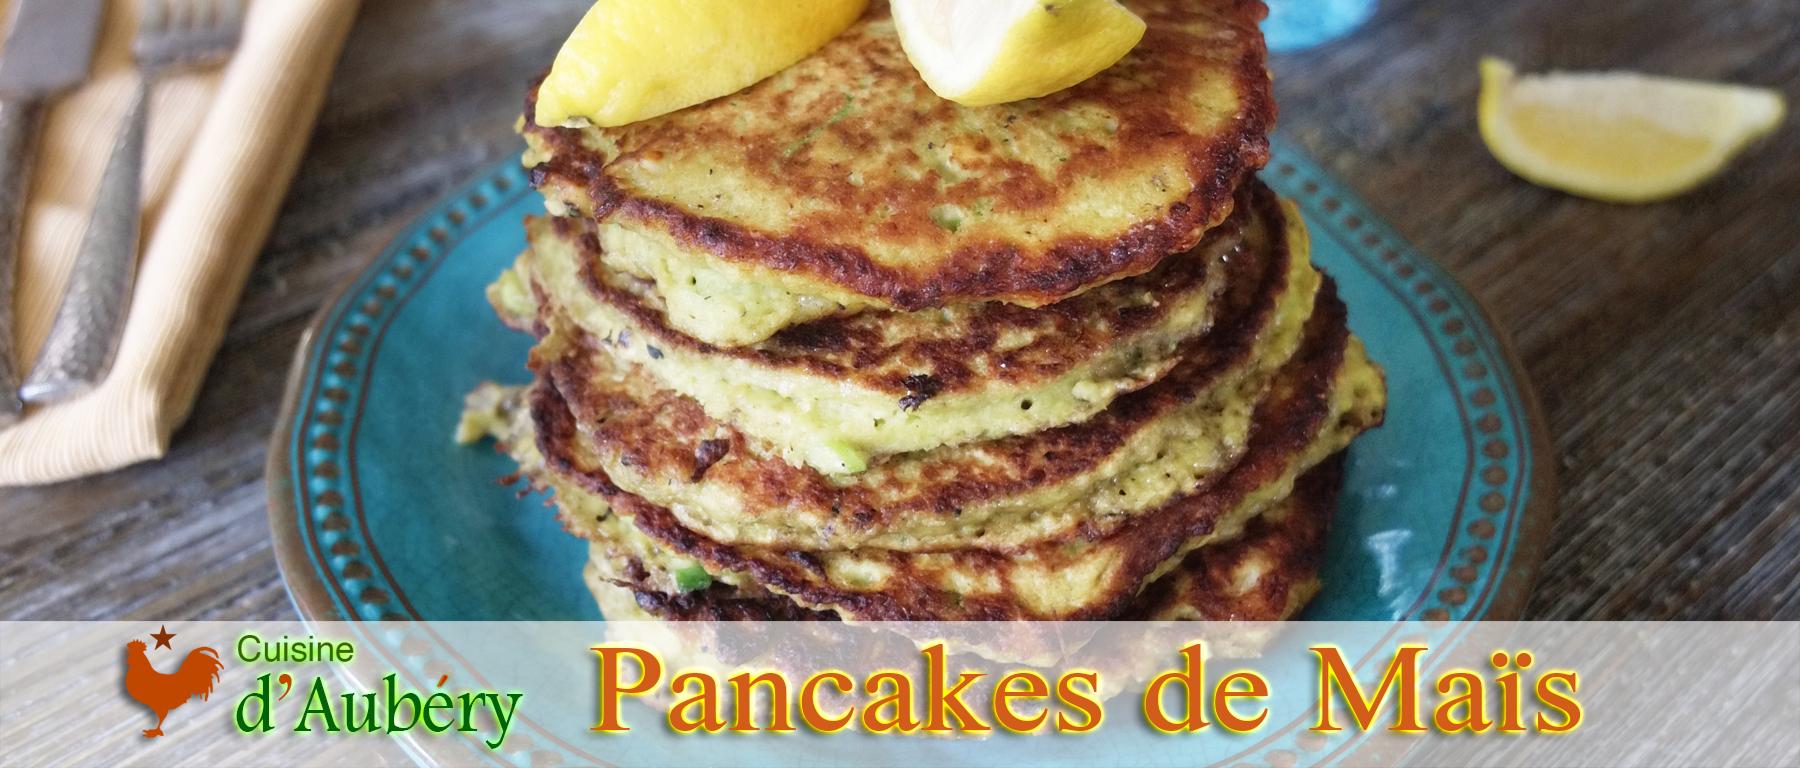 Les savoureux Pancakes de Maïs et Oignons Verts de Yotam Ottolenghi